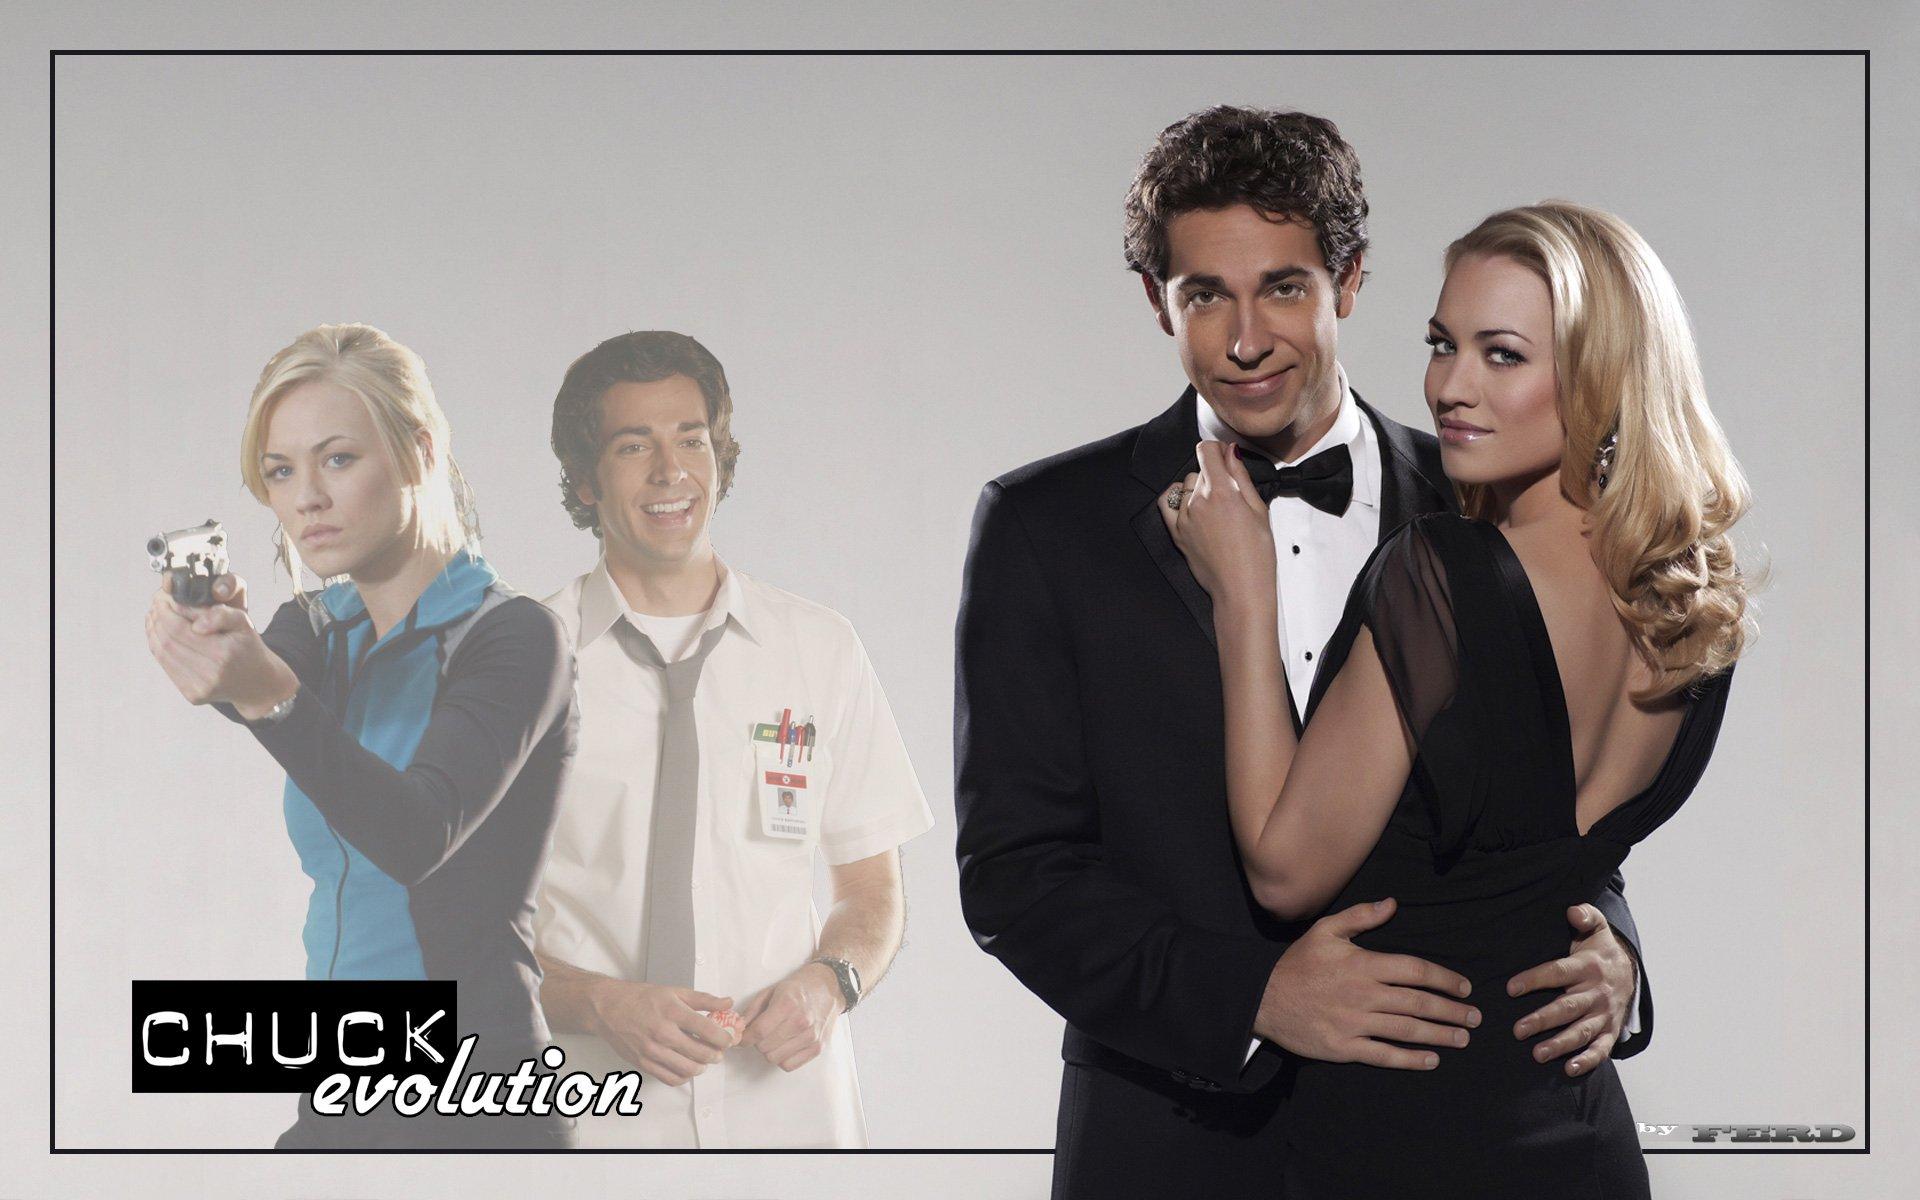 Chuck Wallpaper - Chuck Season 4 Dvd Cover , HD Wallpaper & Backgrounds